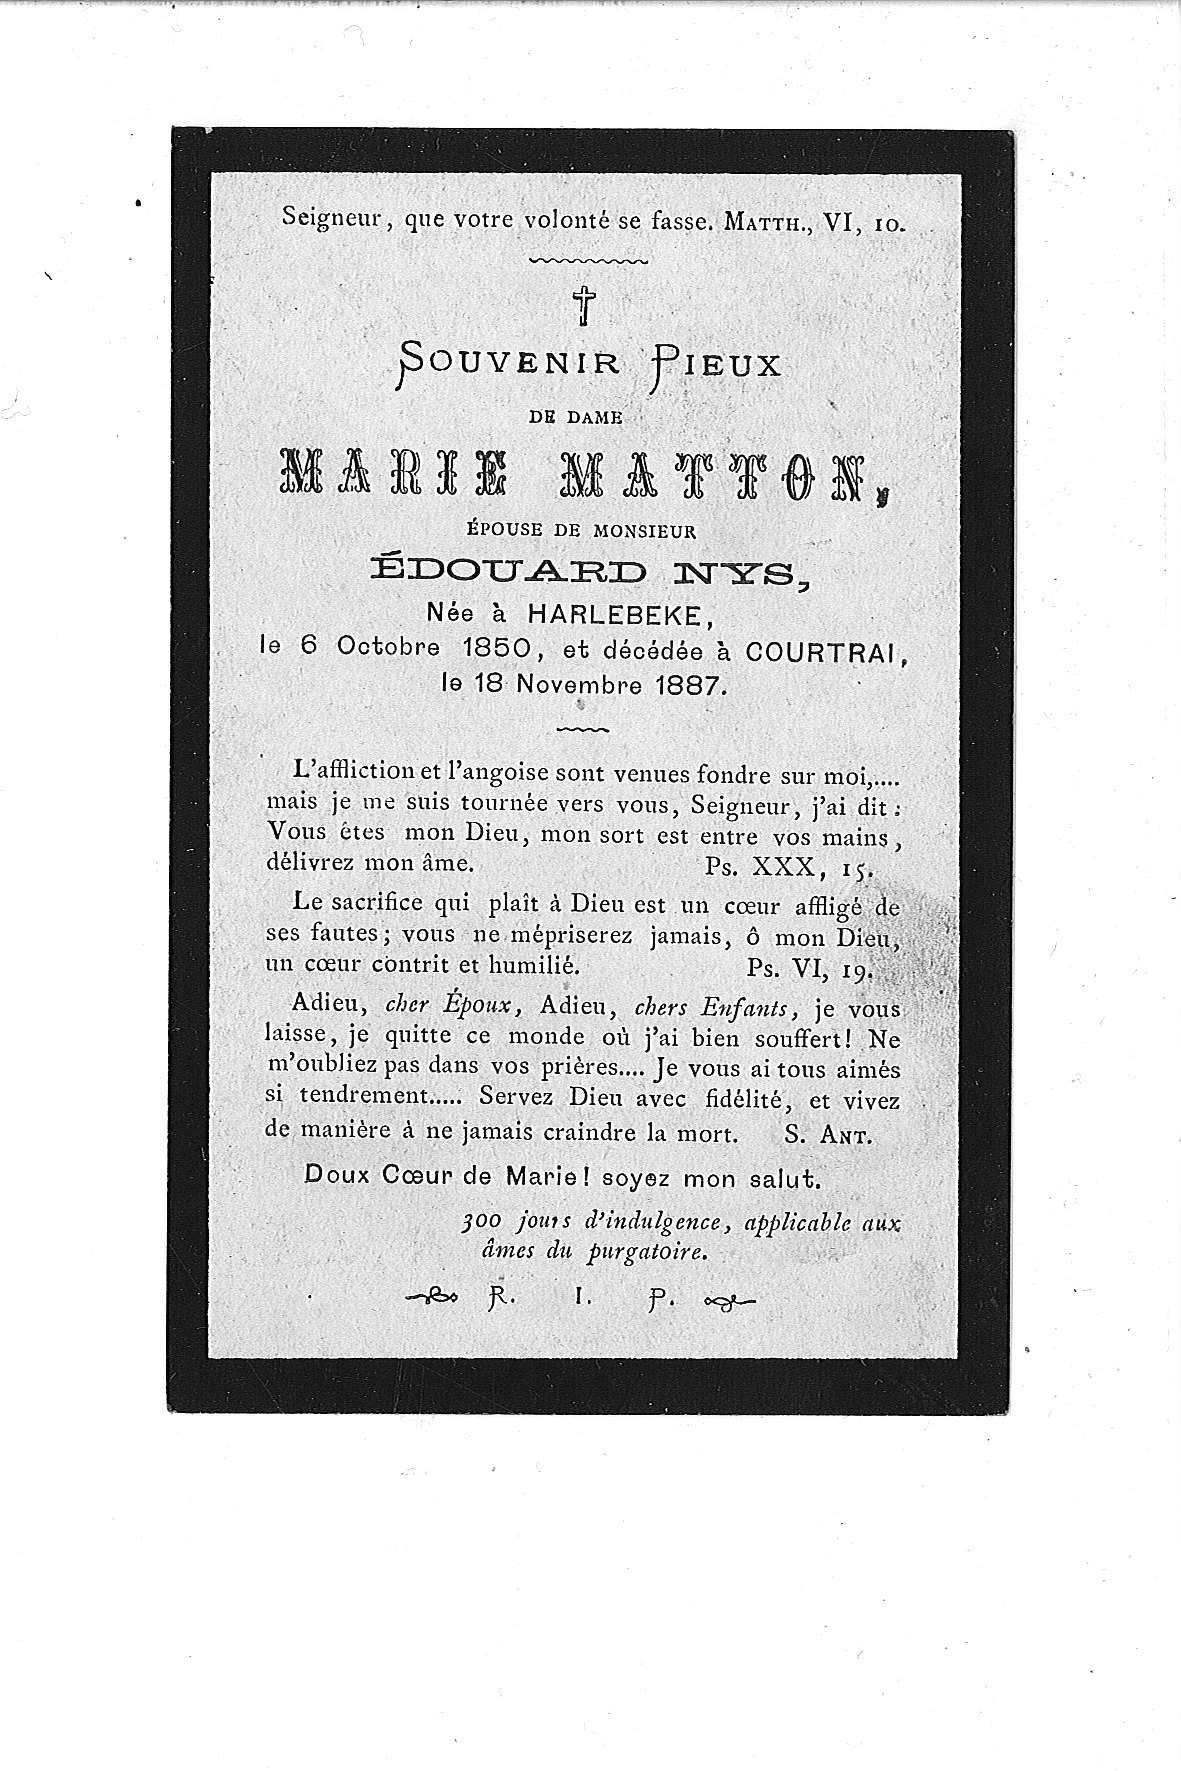 Marie(1887)20100204132323_00032.jpg